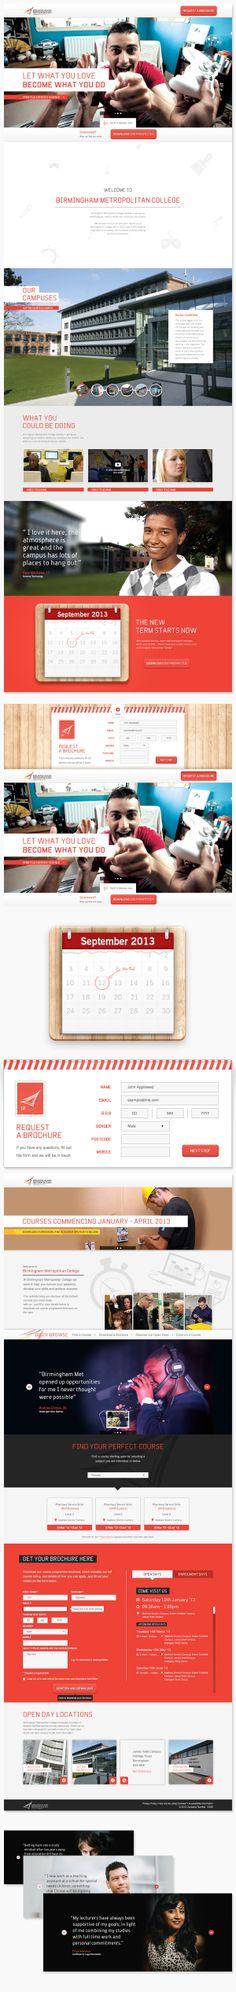 BMet College Microsites by Morgan Jones, via Behance - #webdesign